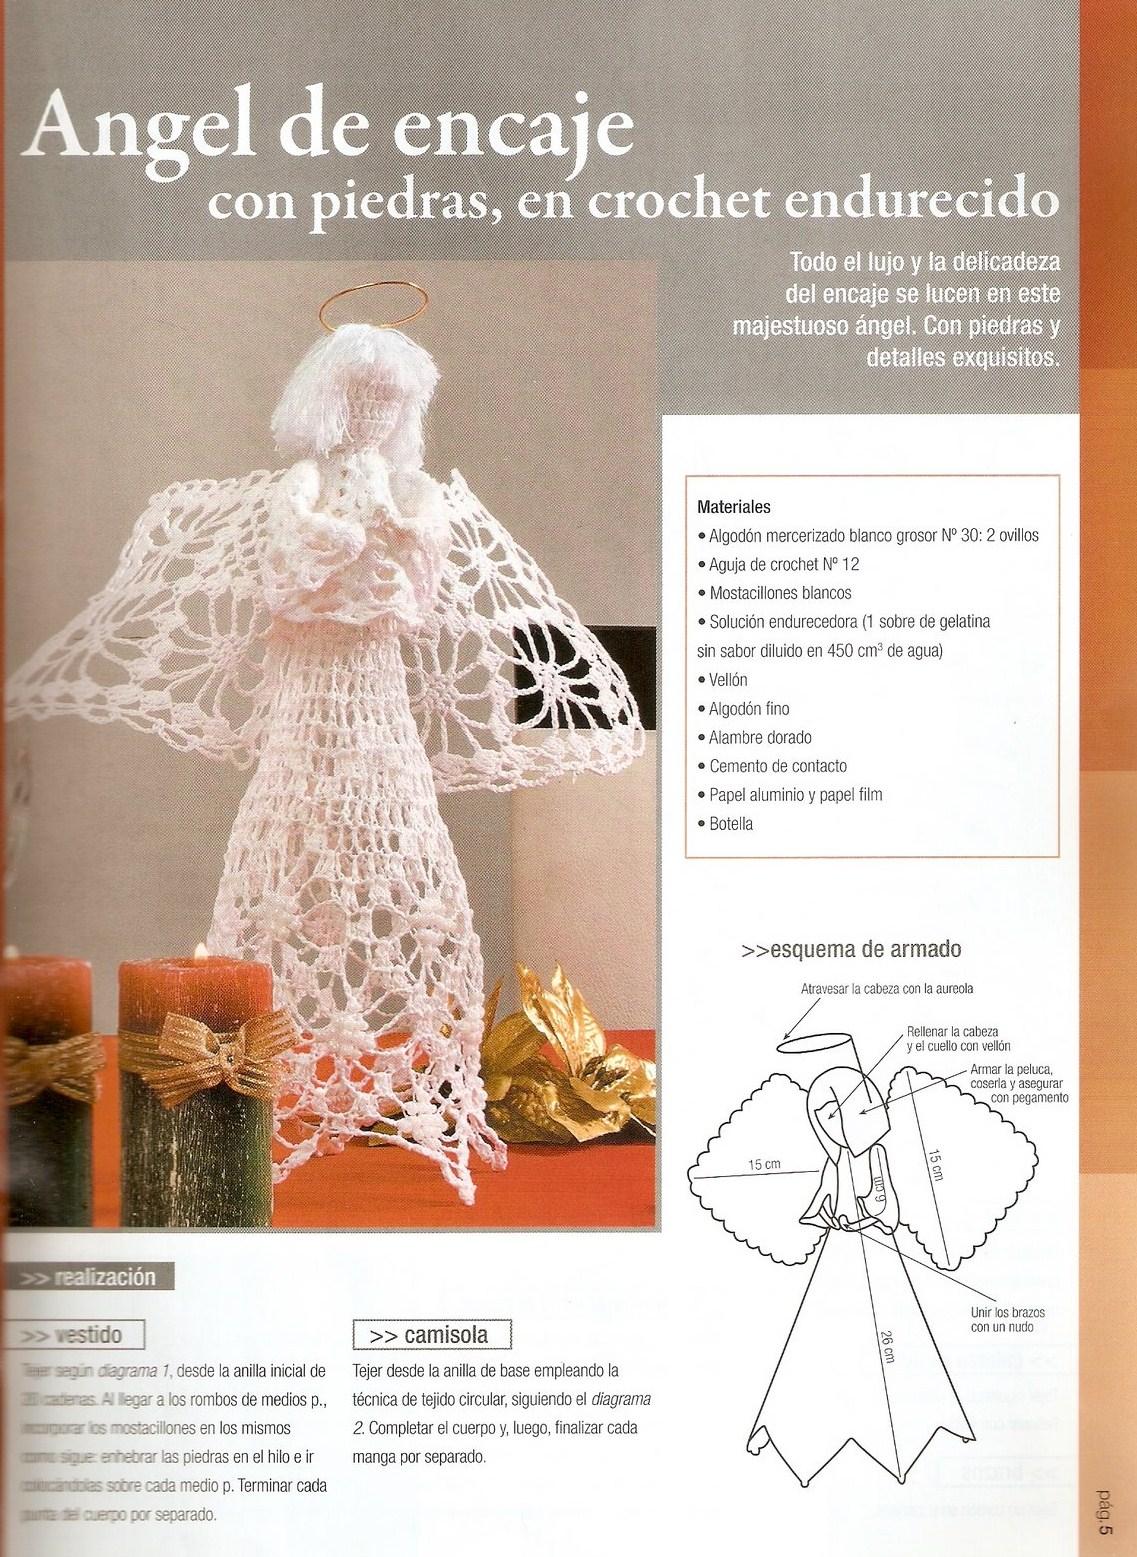 El diario de Tosy: Angeles de crochet